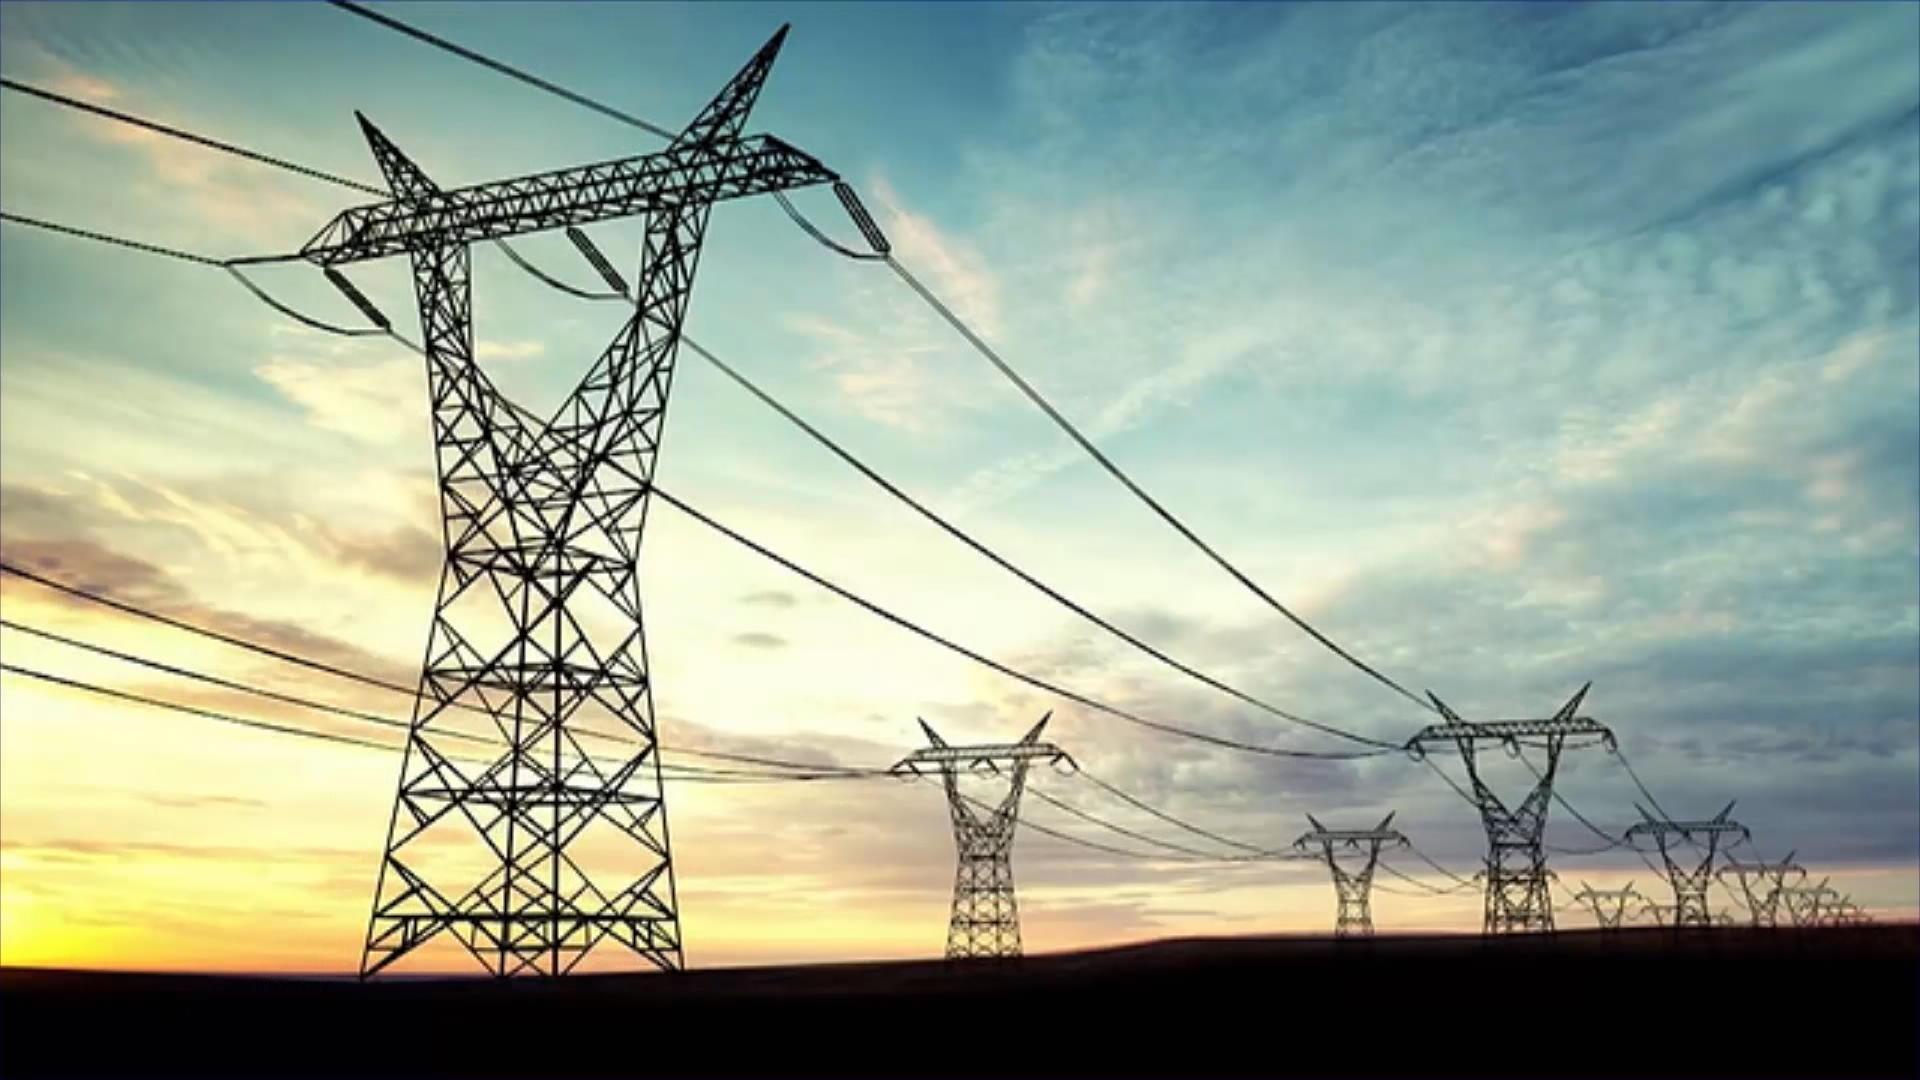 أعمدة كهرباء بمنطقة كاليفورنيا الإميركية